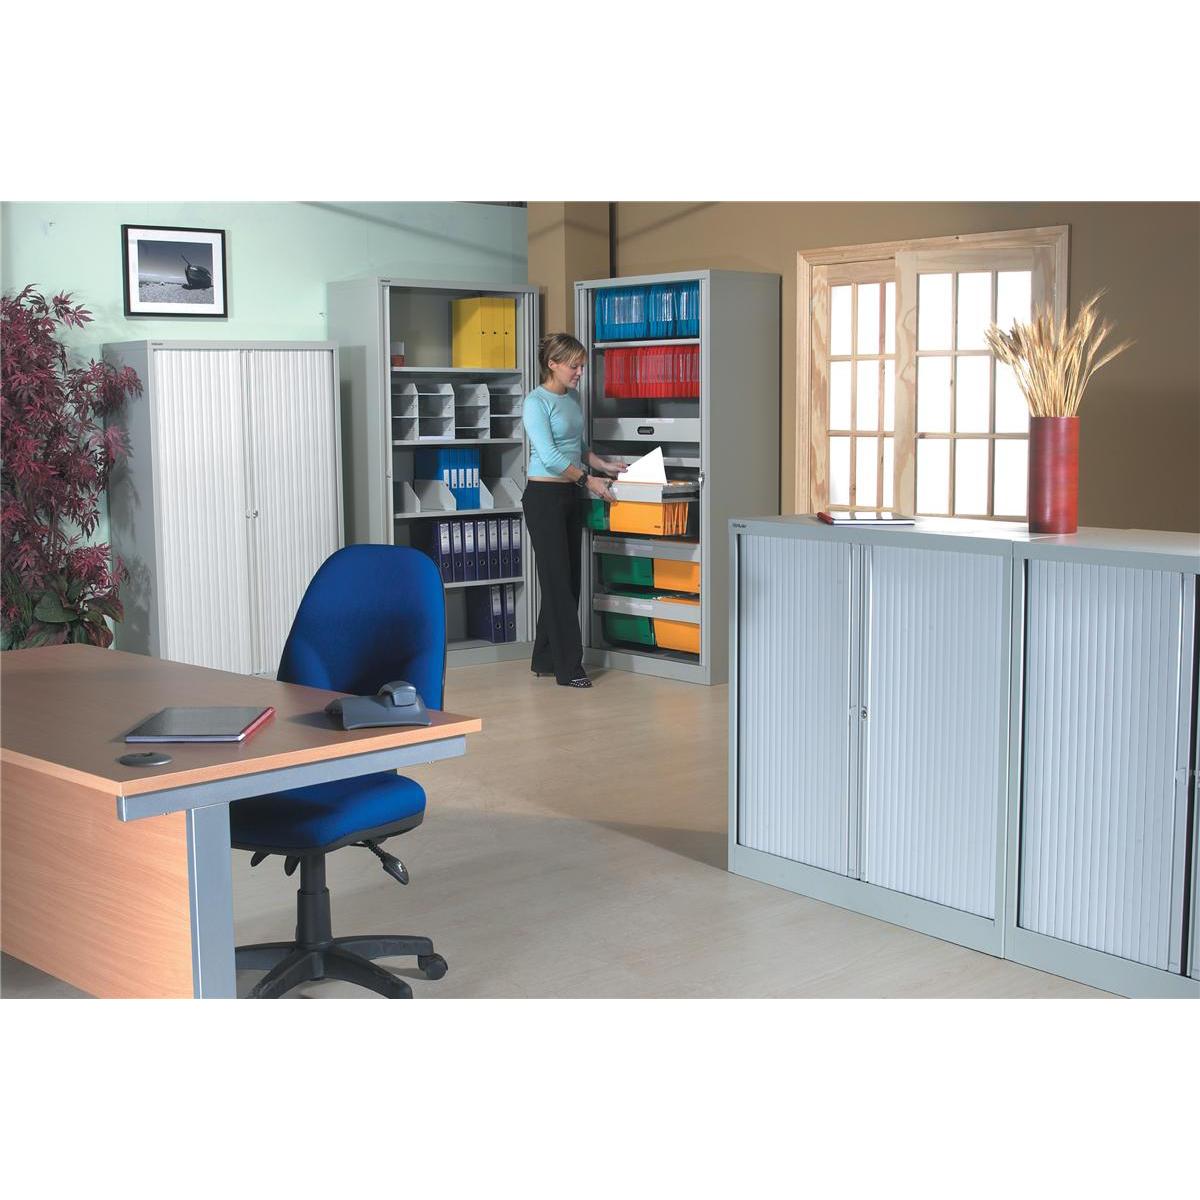 Image for Trexus by Bisley Side Opening Tambour Door Cupboard 1000x470x1000-1015mm Grey/Grey Ref YETB1010.1